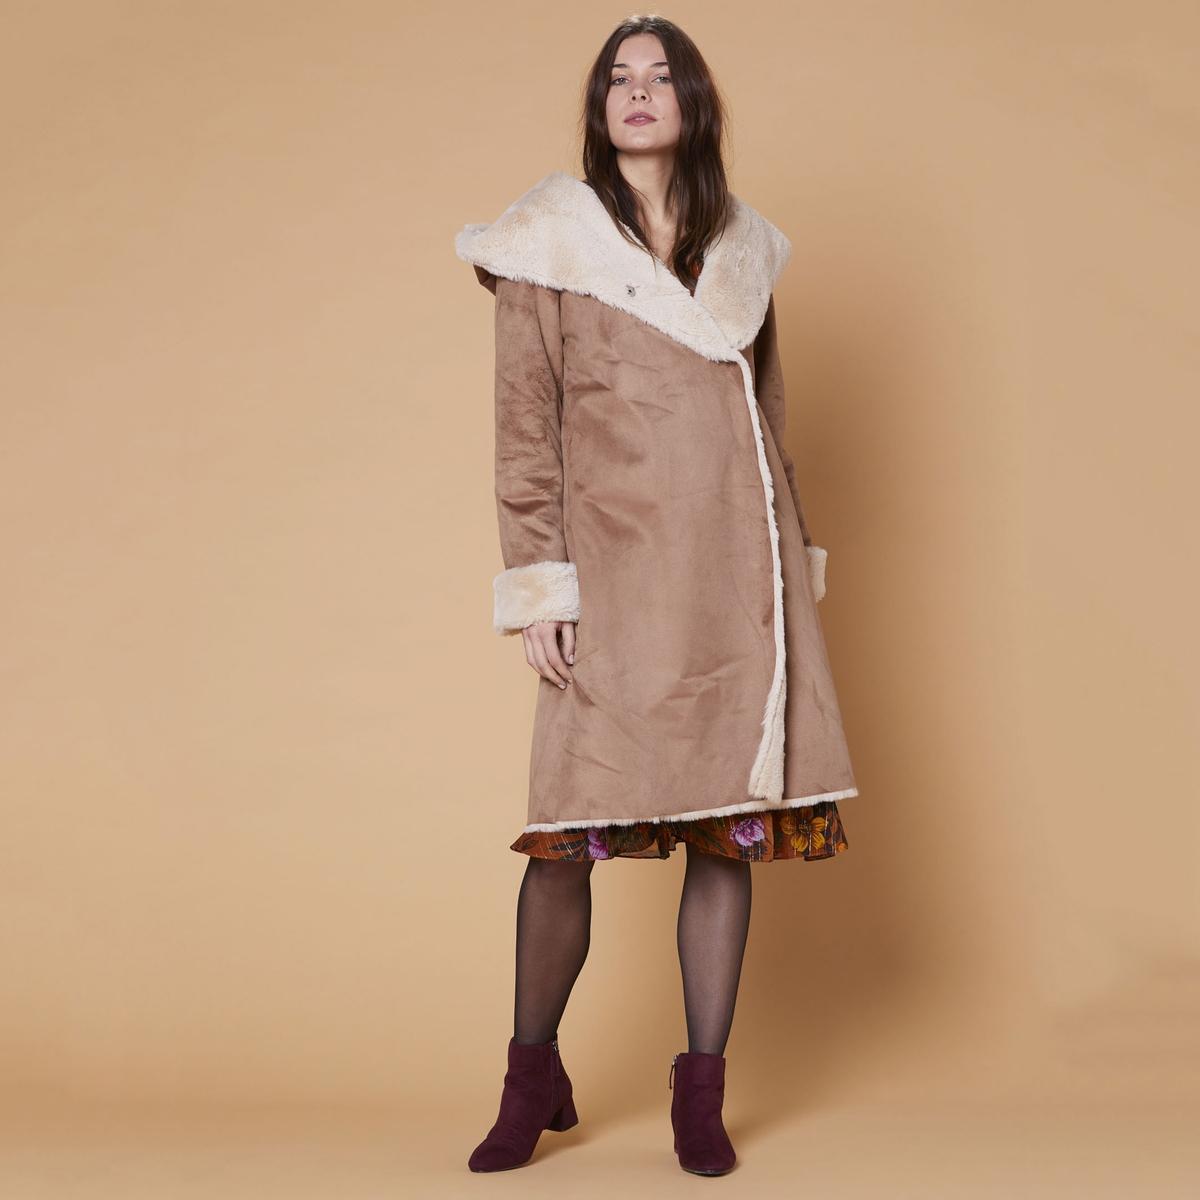 Пальто La Redoute Средней длины с капюшоном на меху Galabague M бежевый цены